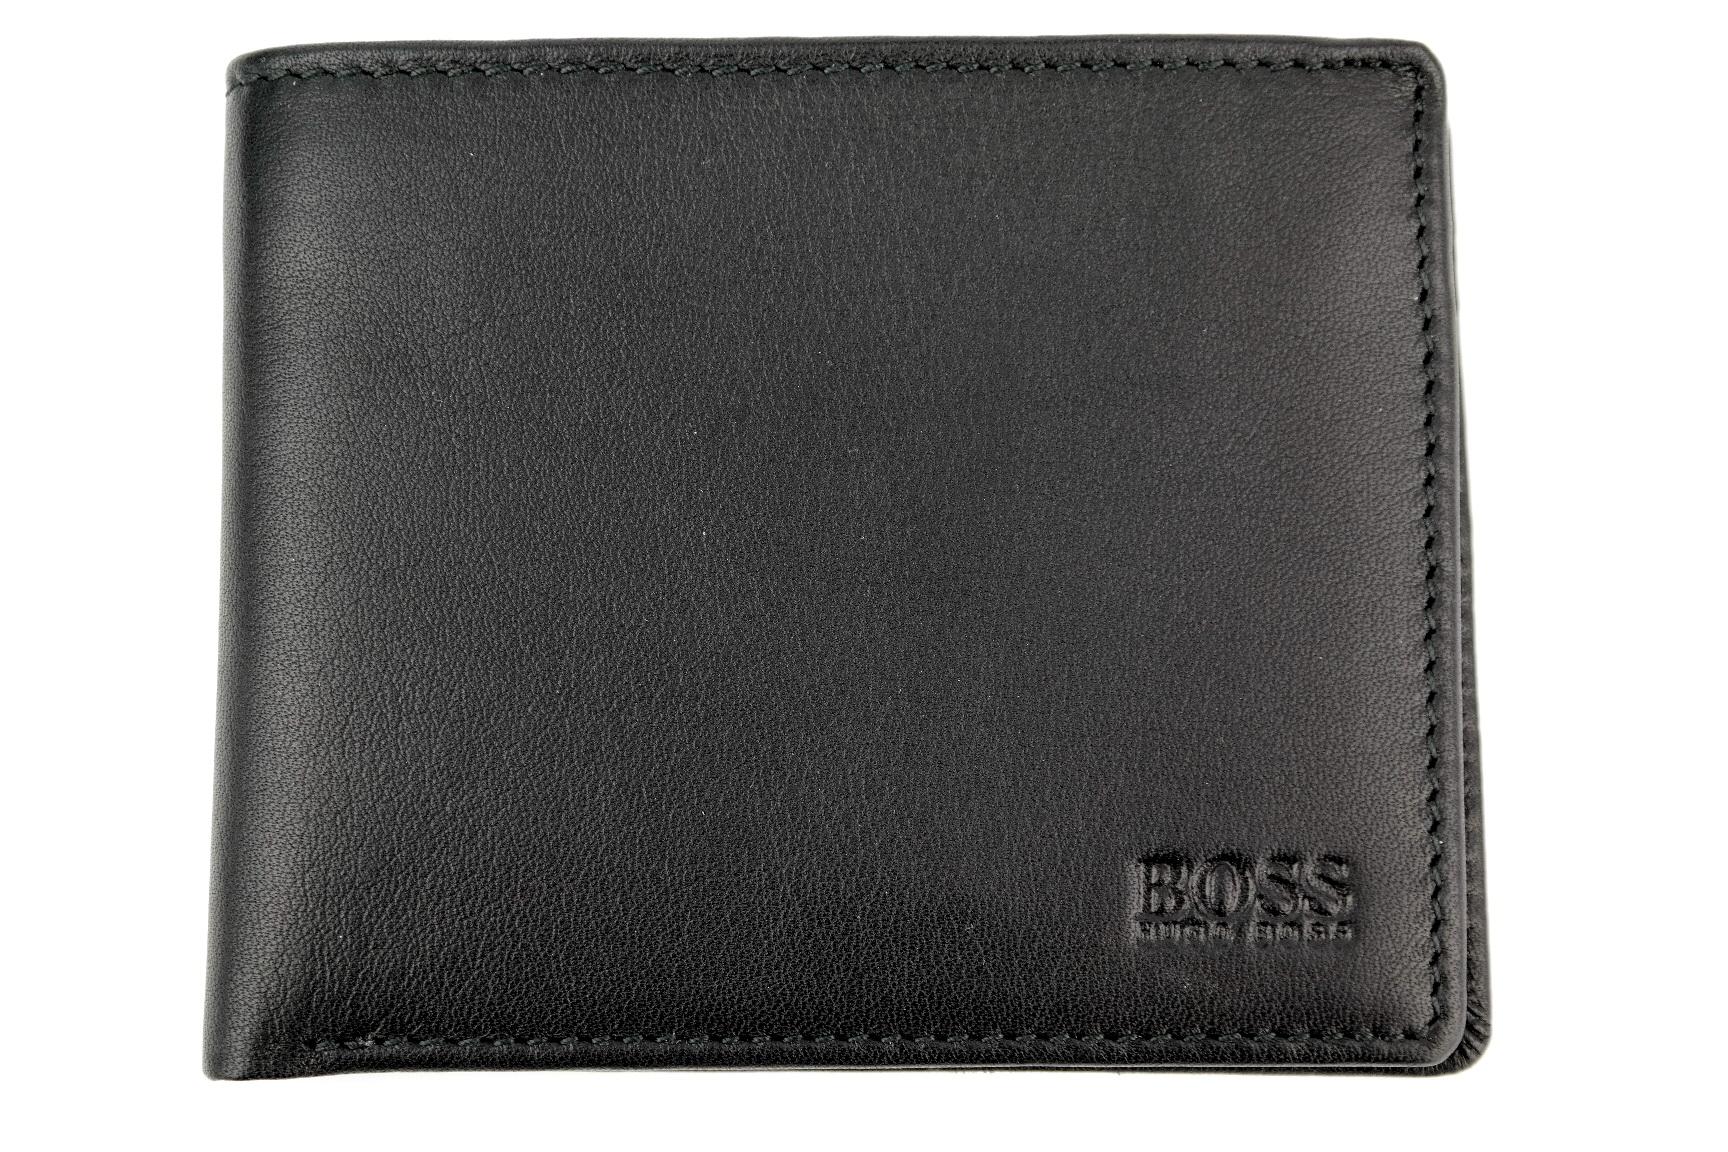 Hugo Boss Tiena T Portfel Meski Czarny Karty 6753603585 Allegro Pl